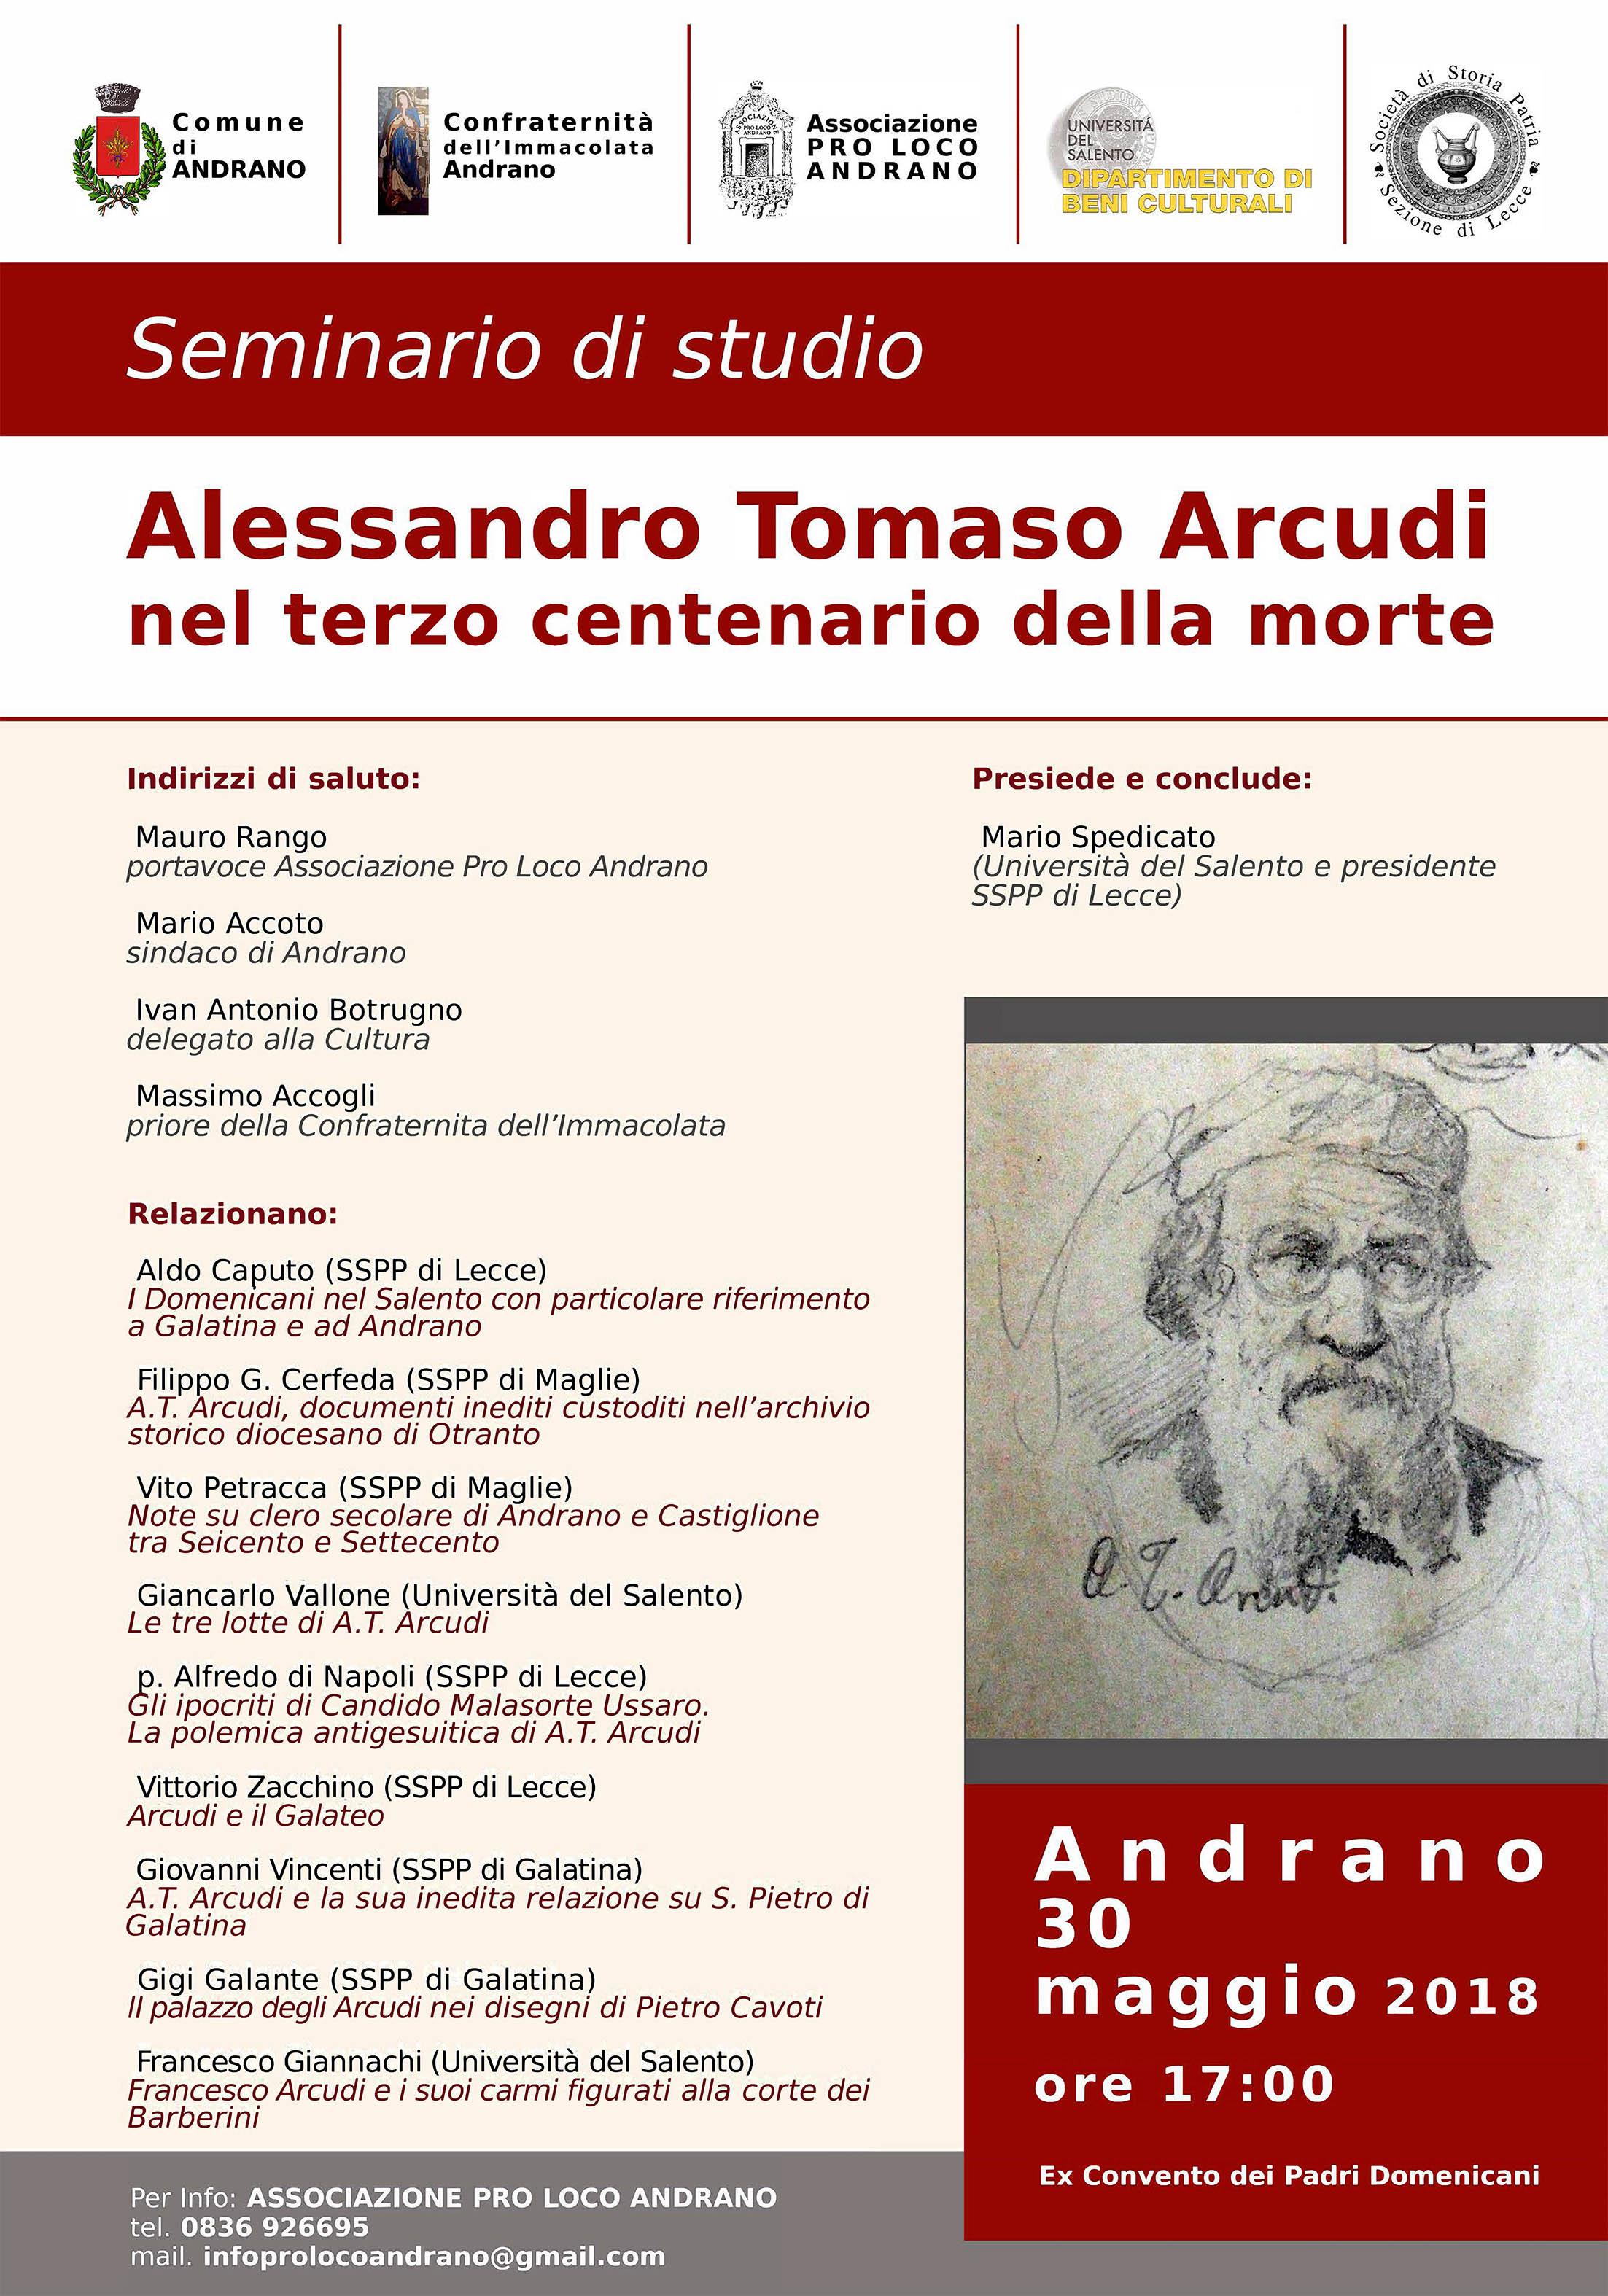 Alessandro Tommaso Arcudi nel terzo centenario della morte